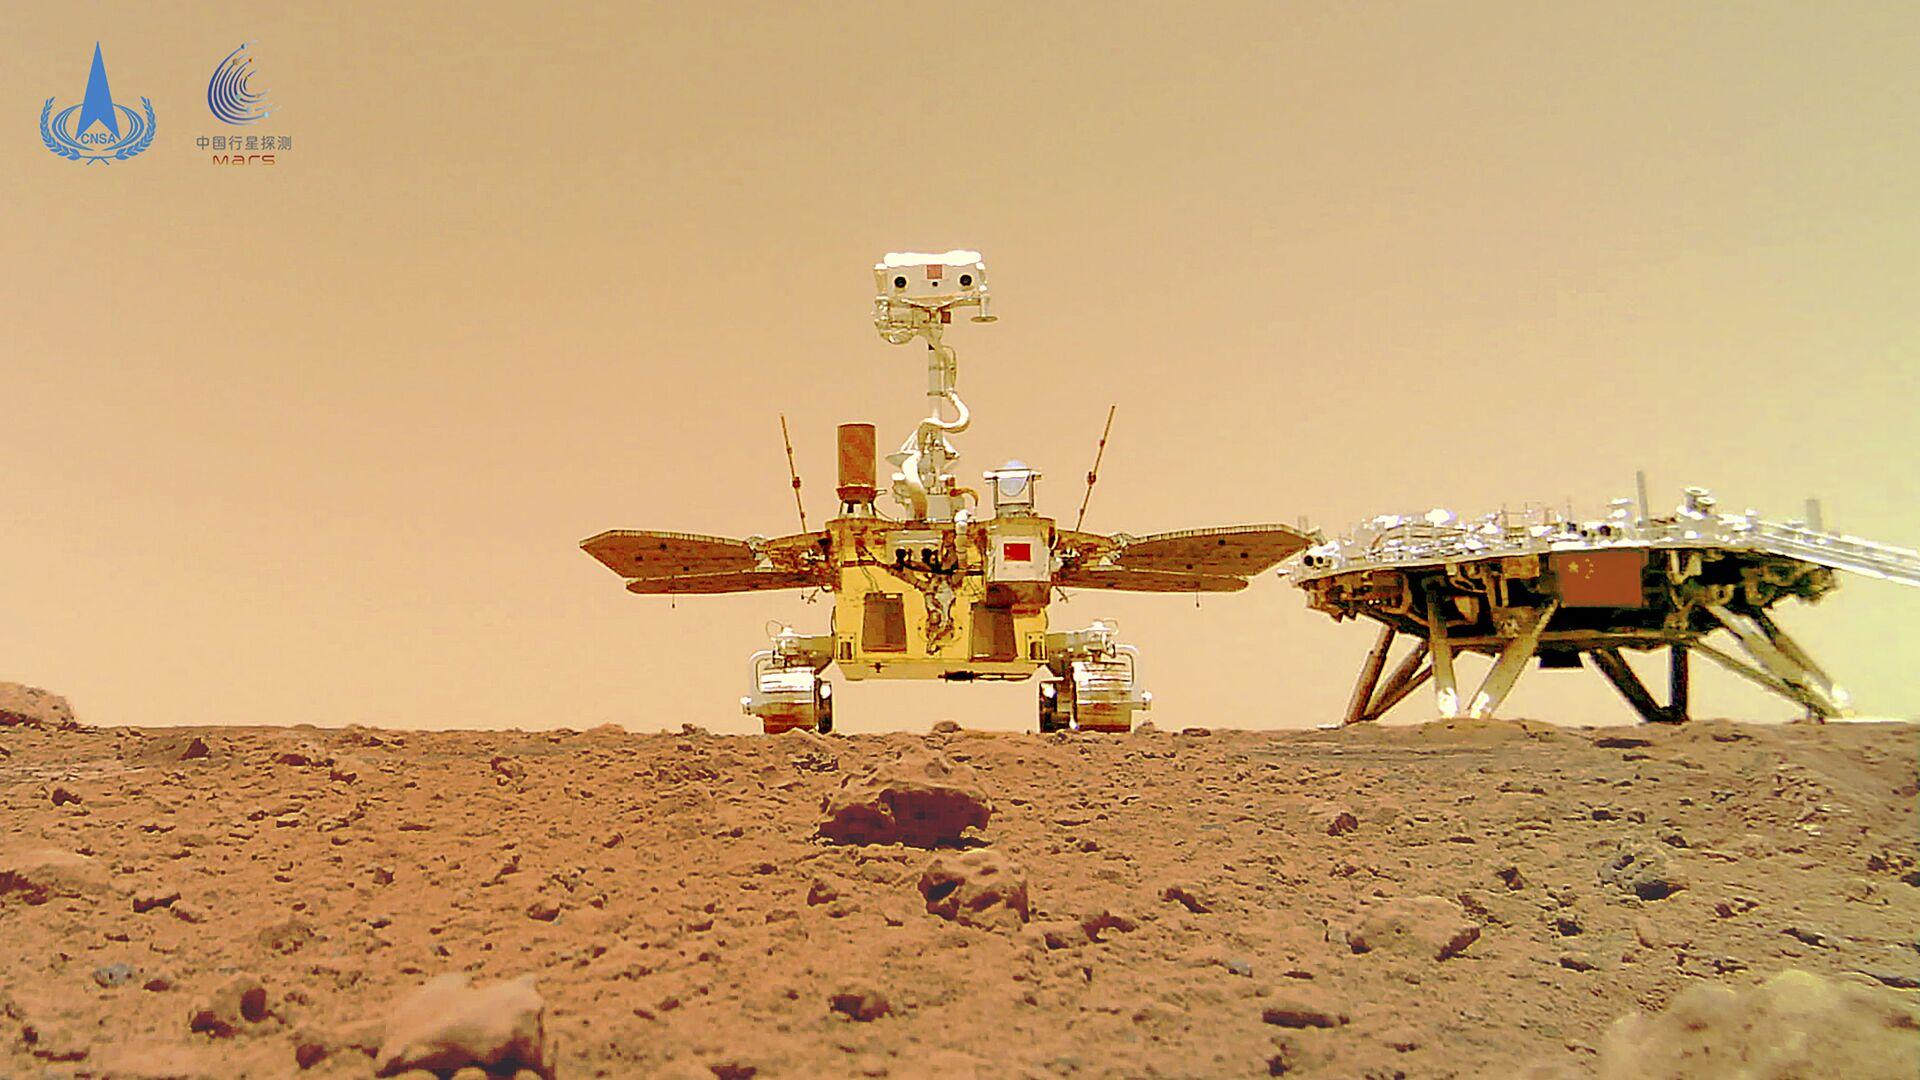 Кинески ровер Џуронг на површини Марса - Sputnik Србија, 1920, 11.06.2021